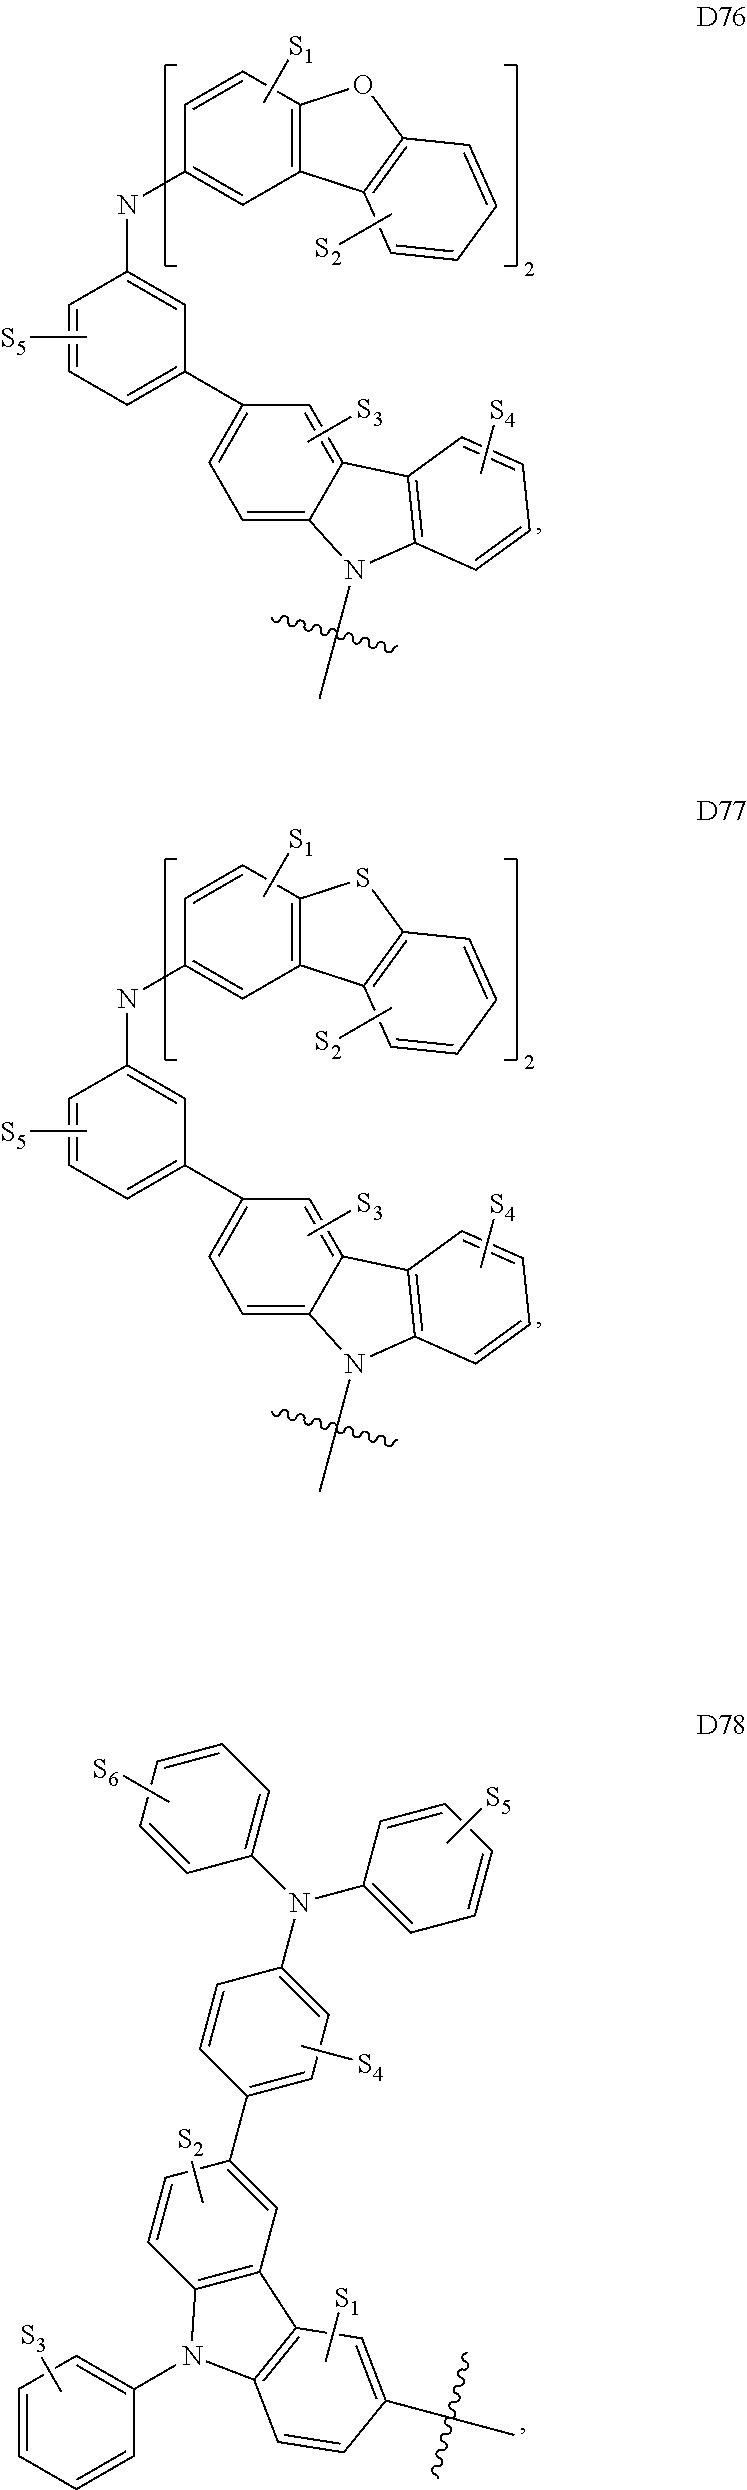 Figure US09324949-20160426-C00070